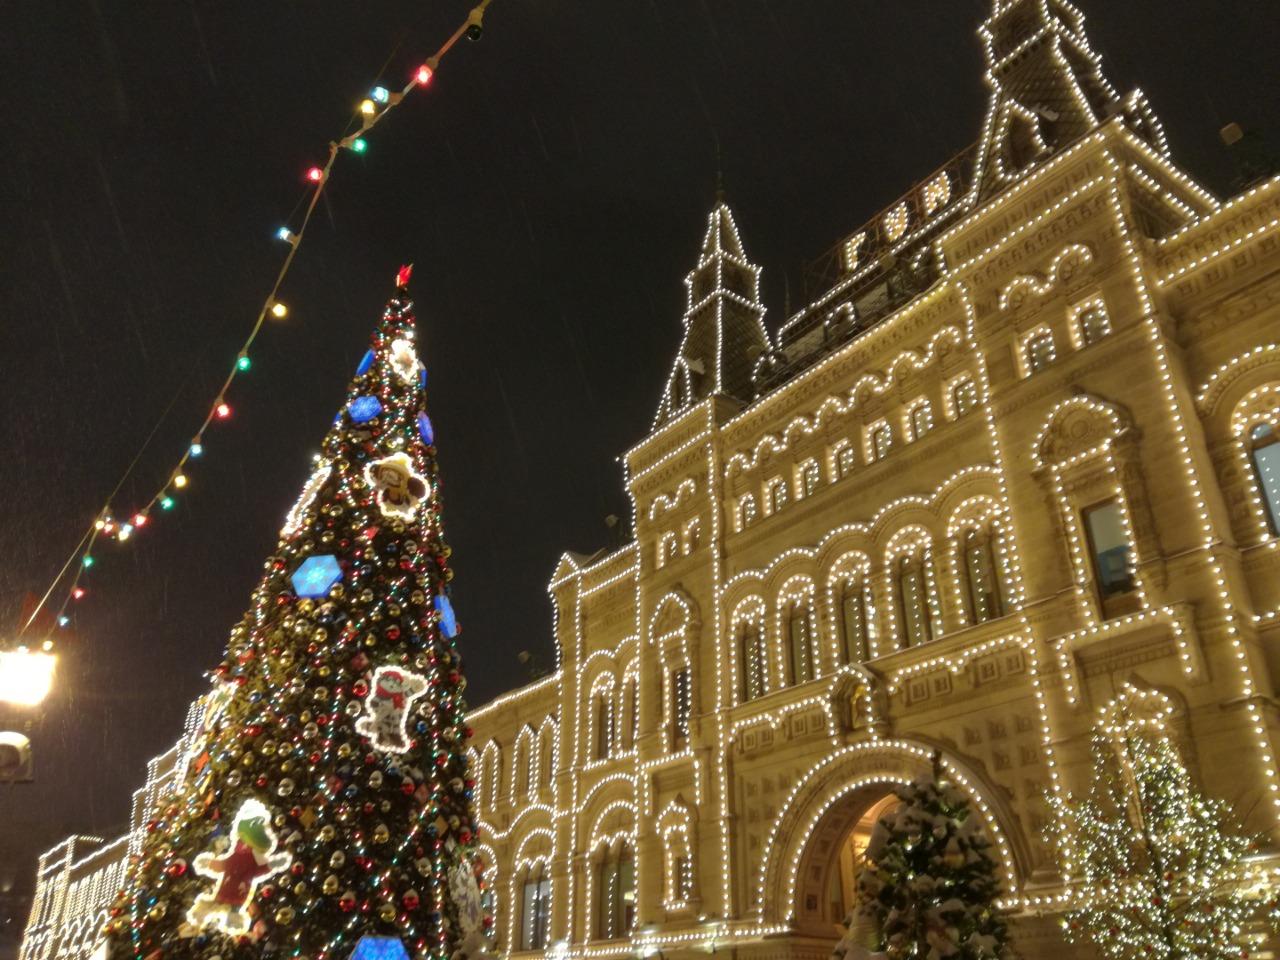 Огни новогодней Москвы - индивидуальная экскурсия по Москве от опытного гида